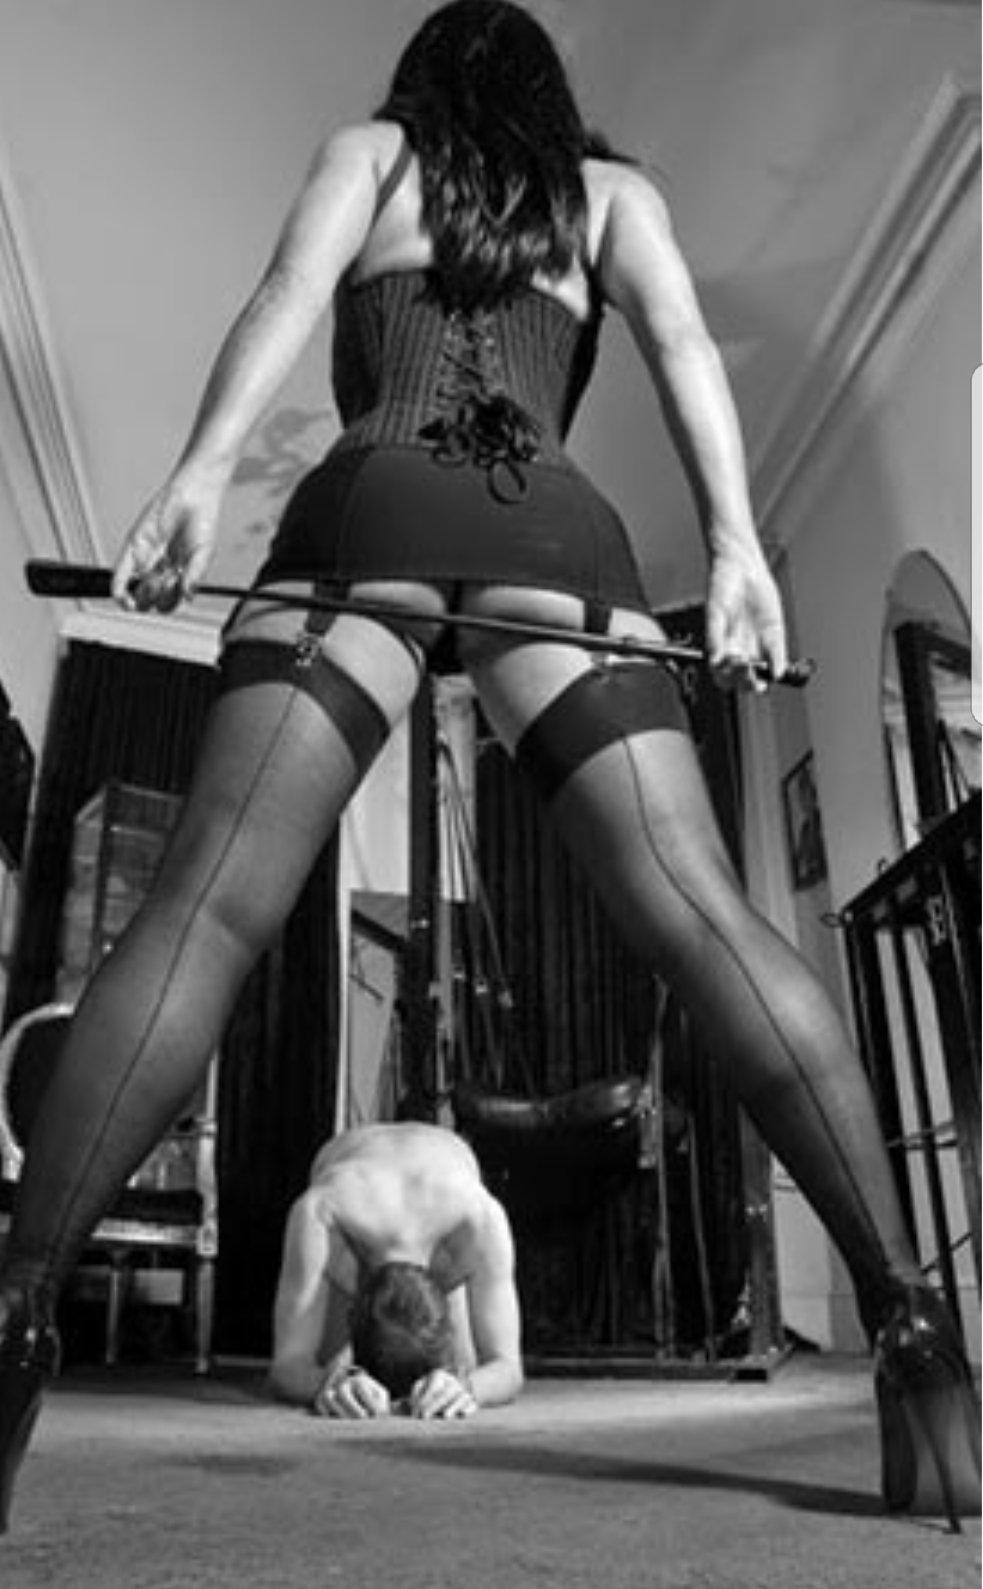 Фото кончил женщина доминирует фото галереи необычных